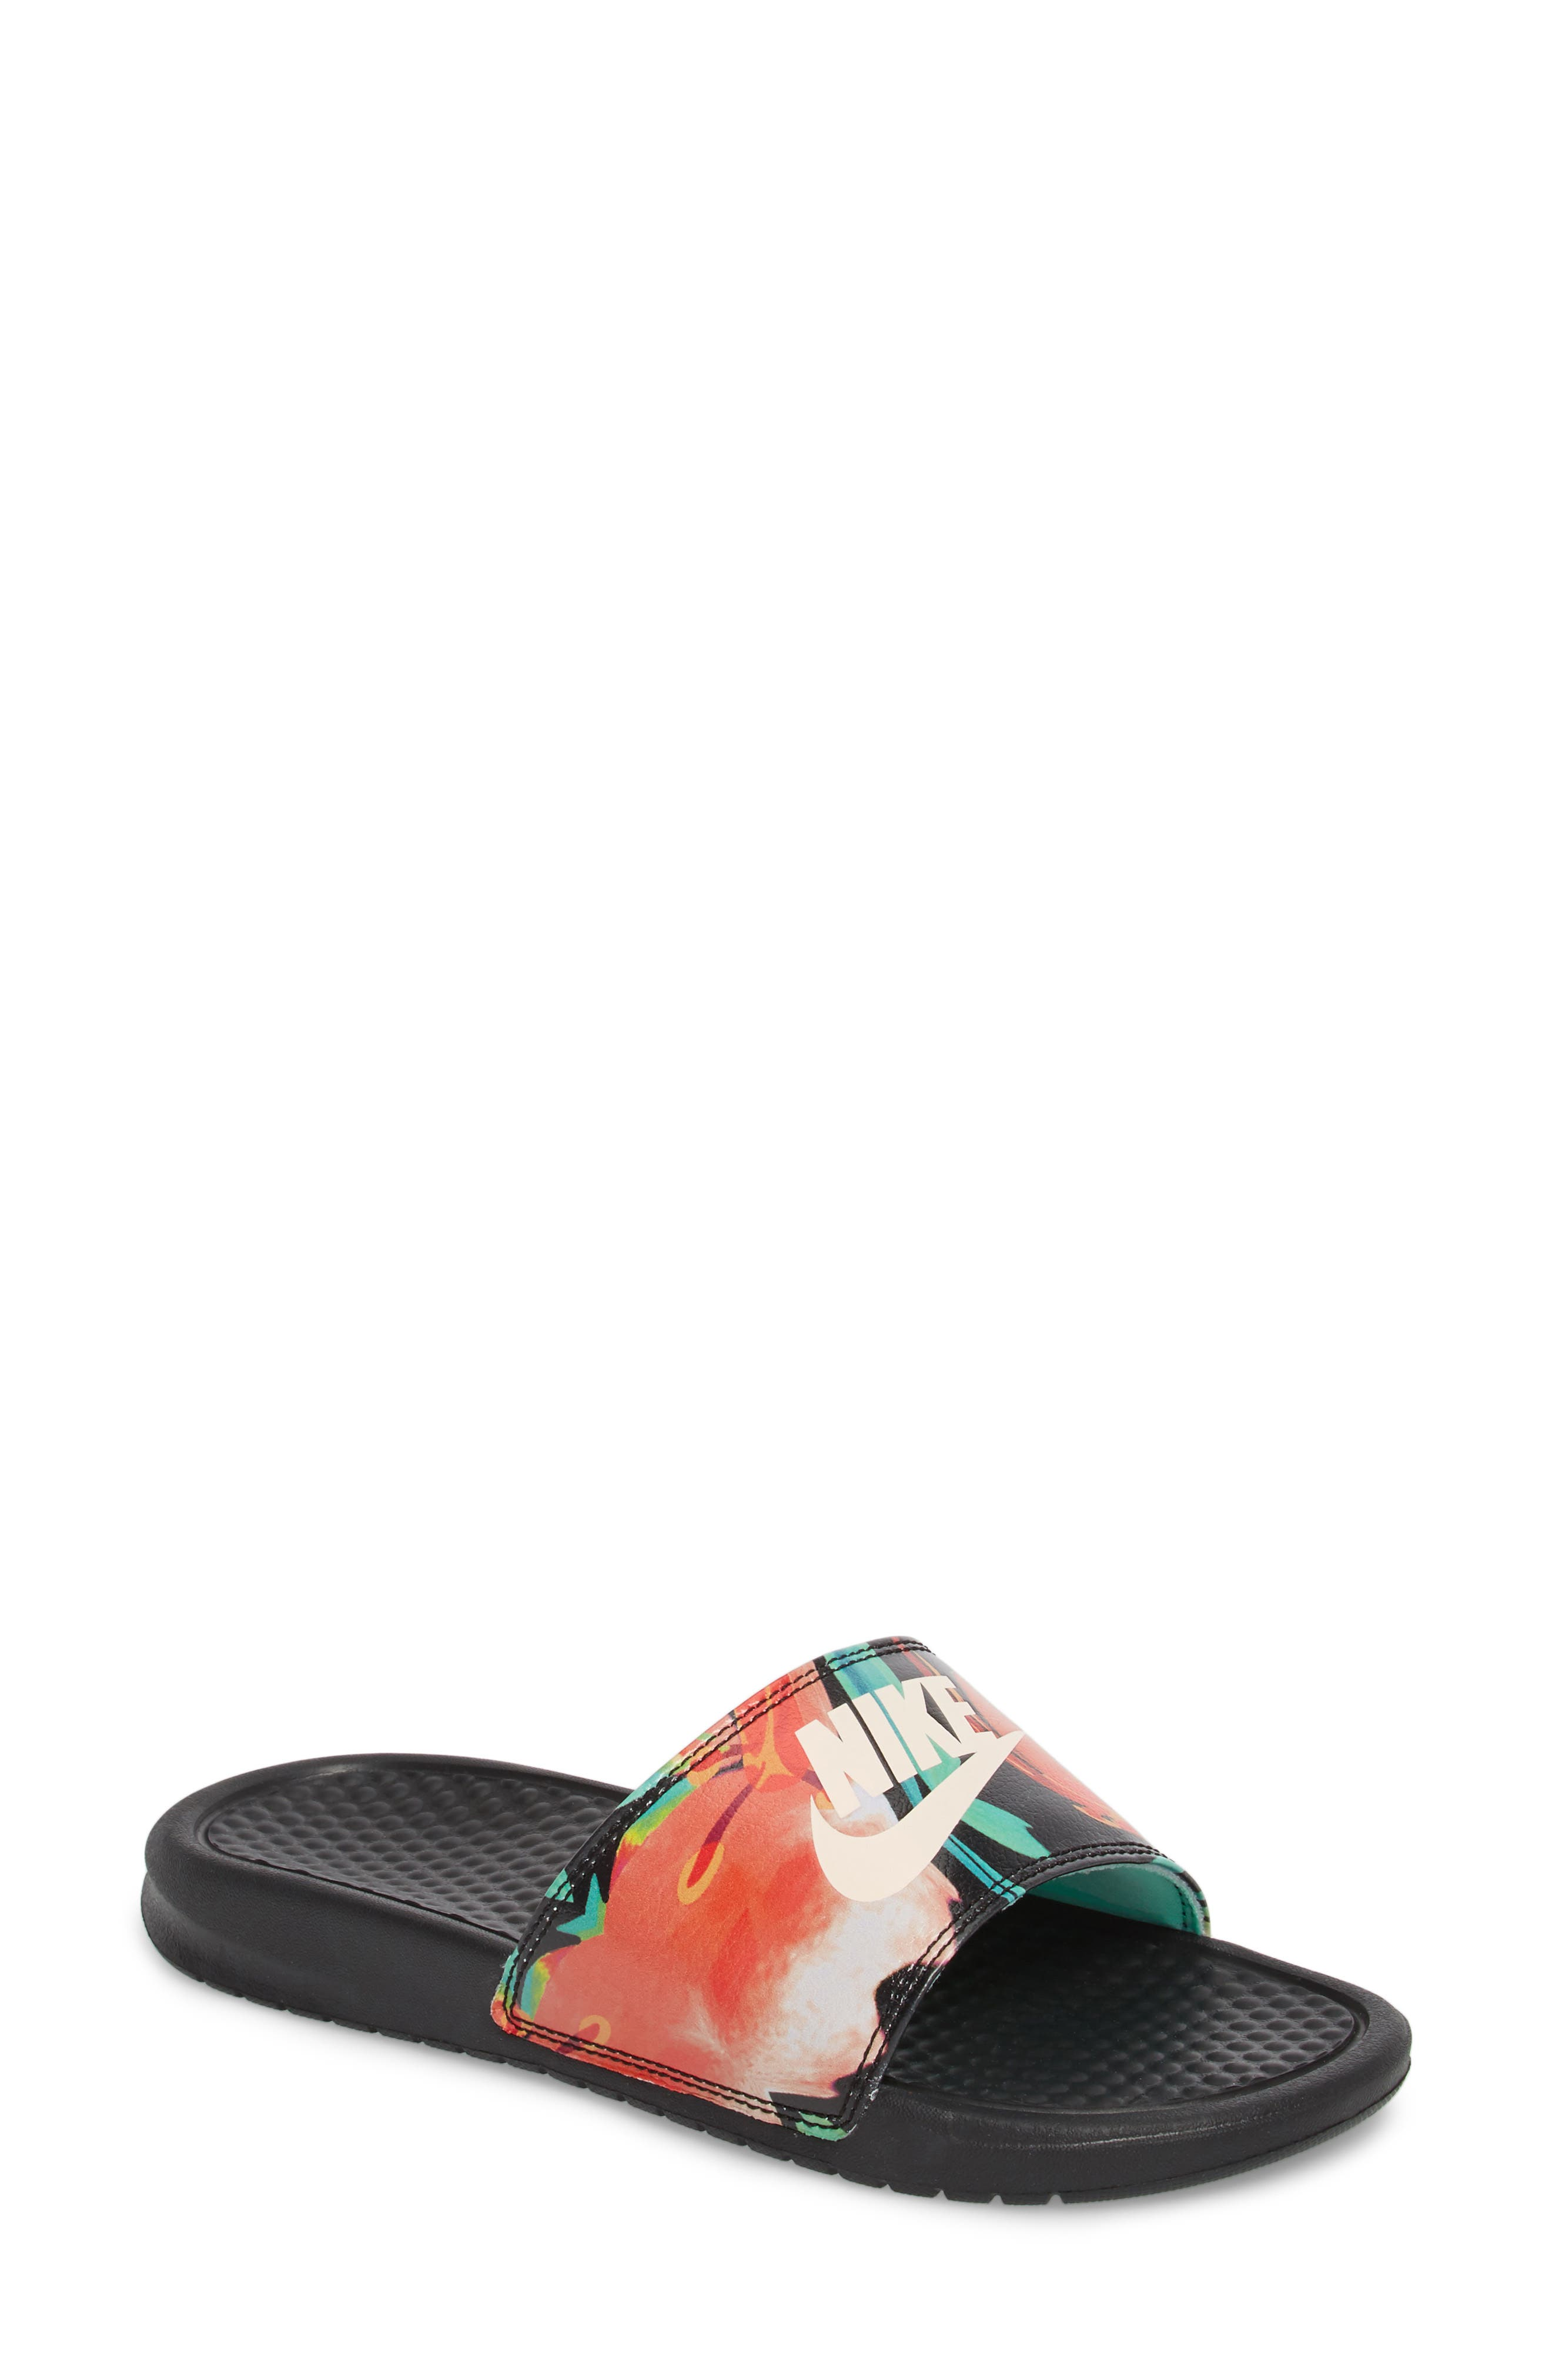 4e511120d46e Women s Pool Slide Sandals